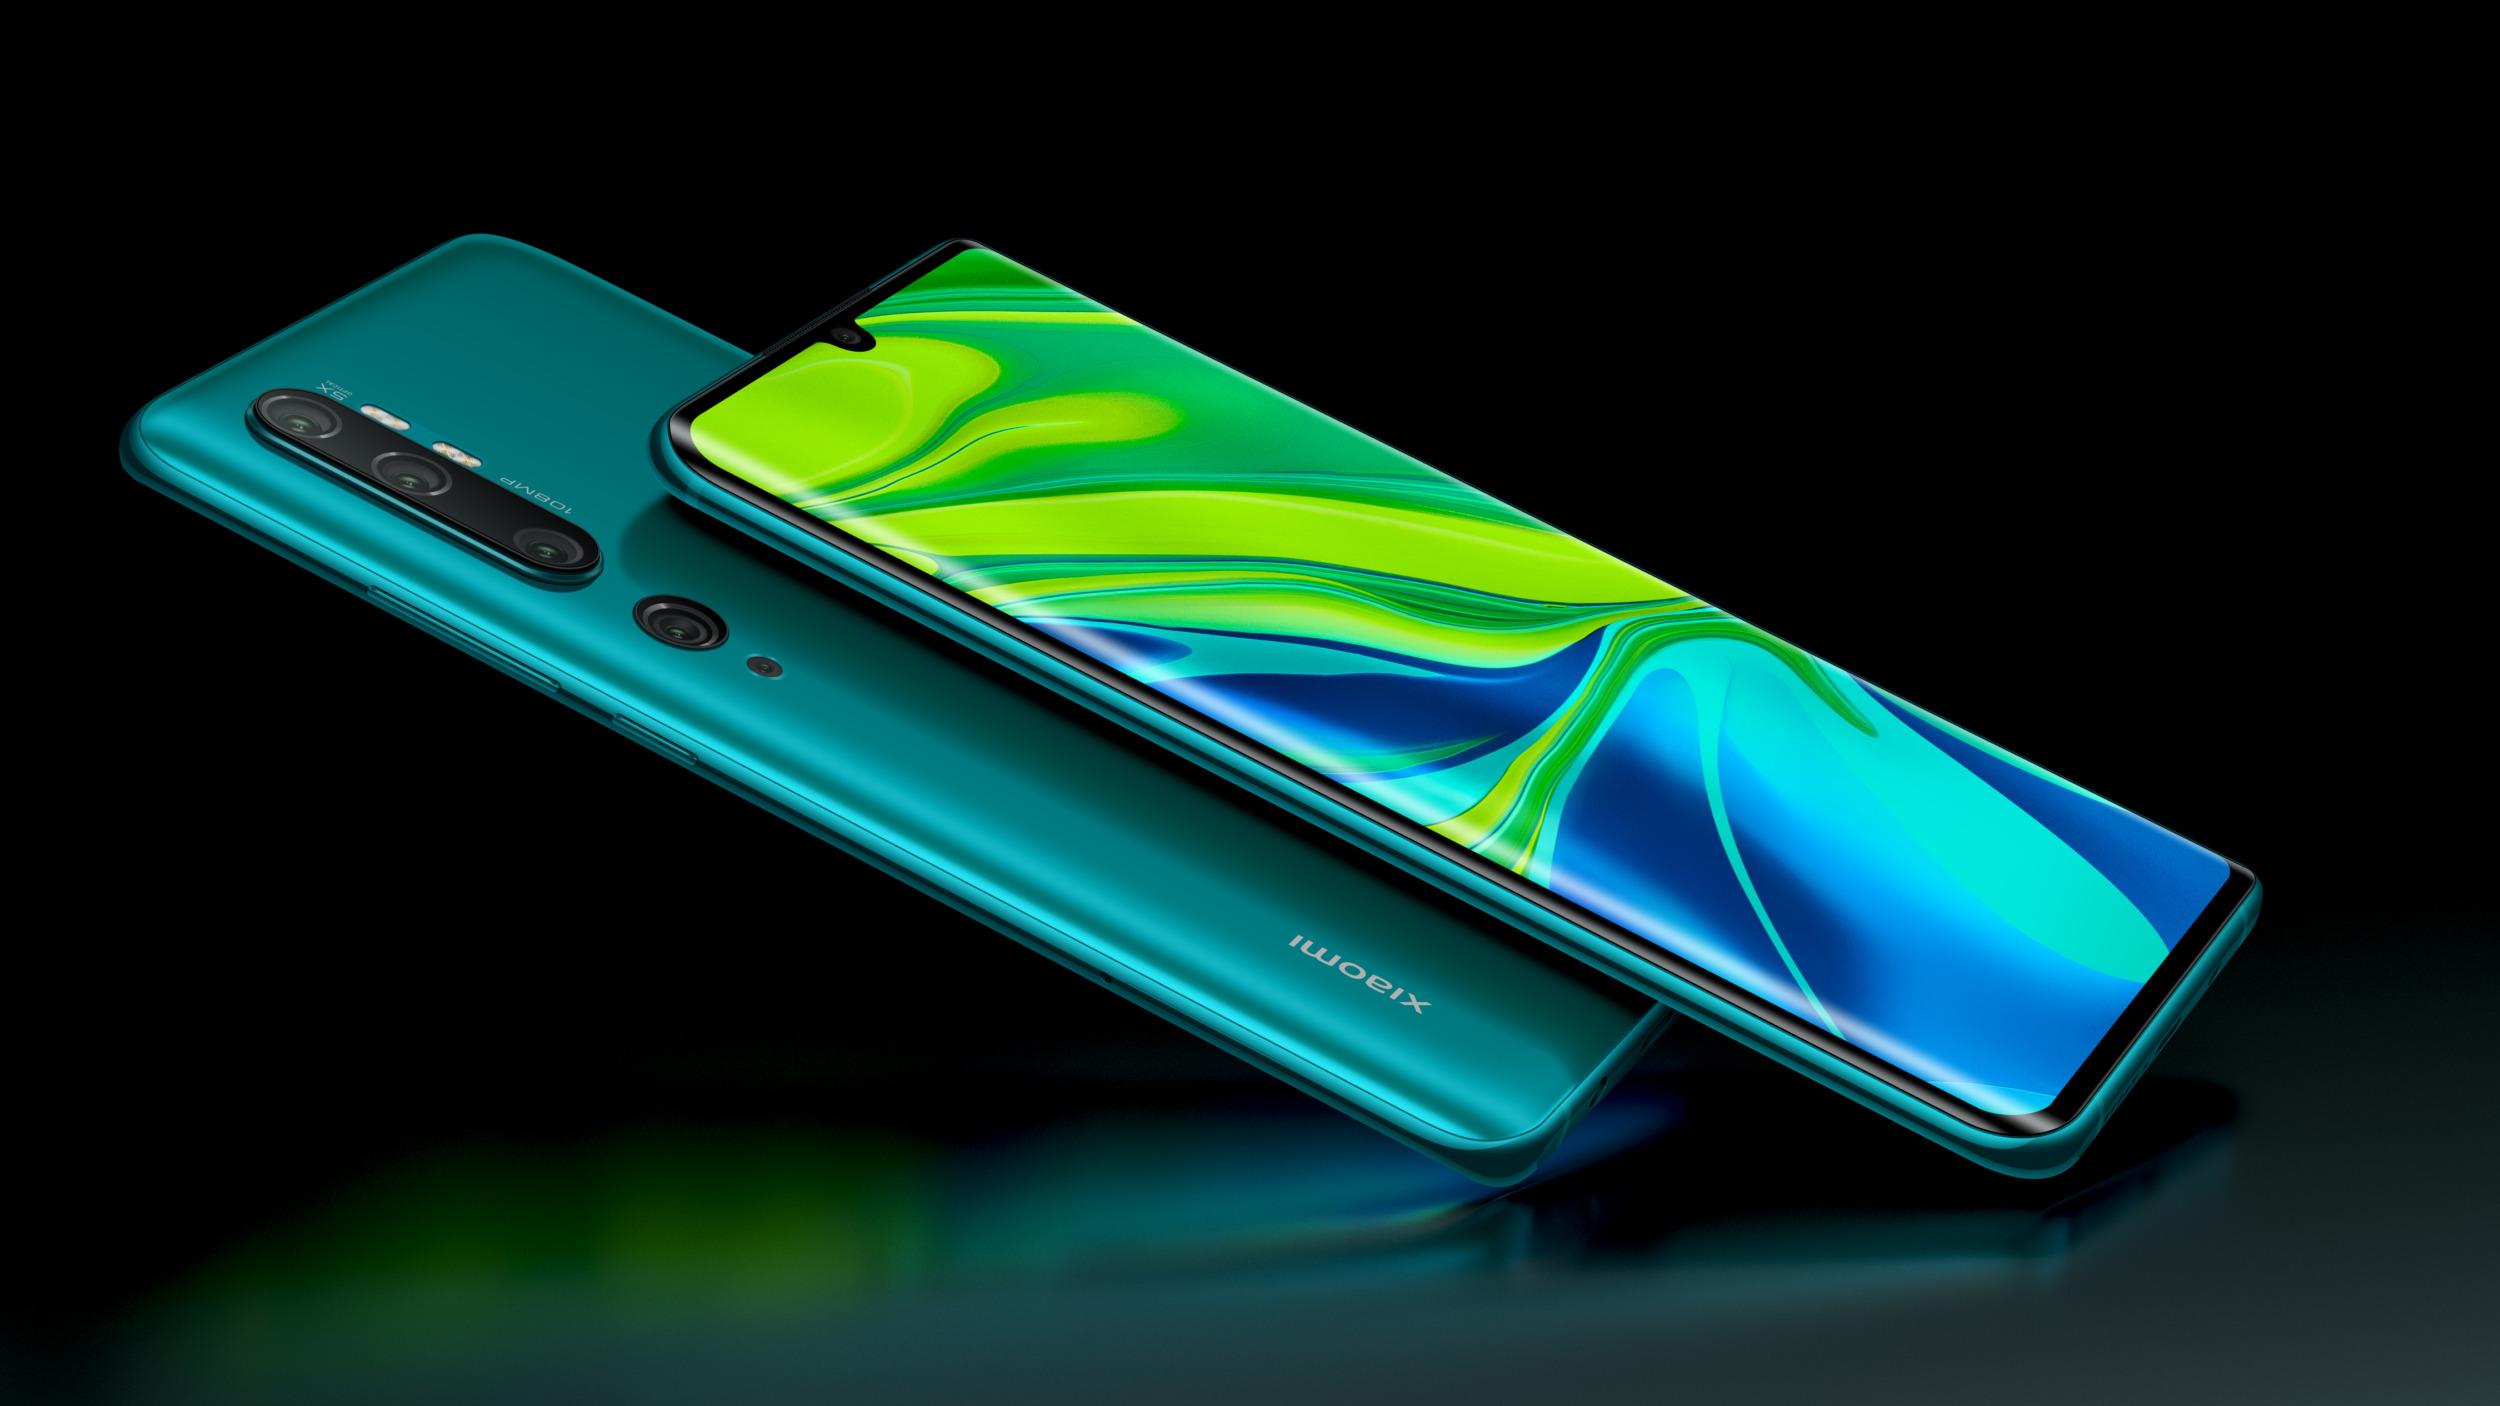 Xiaomi Mi Note 10 je první mobil se 108 Mpx fotoaparátem na světě [sponzorovaný článek]